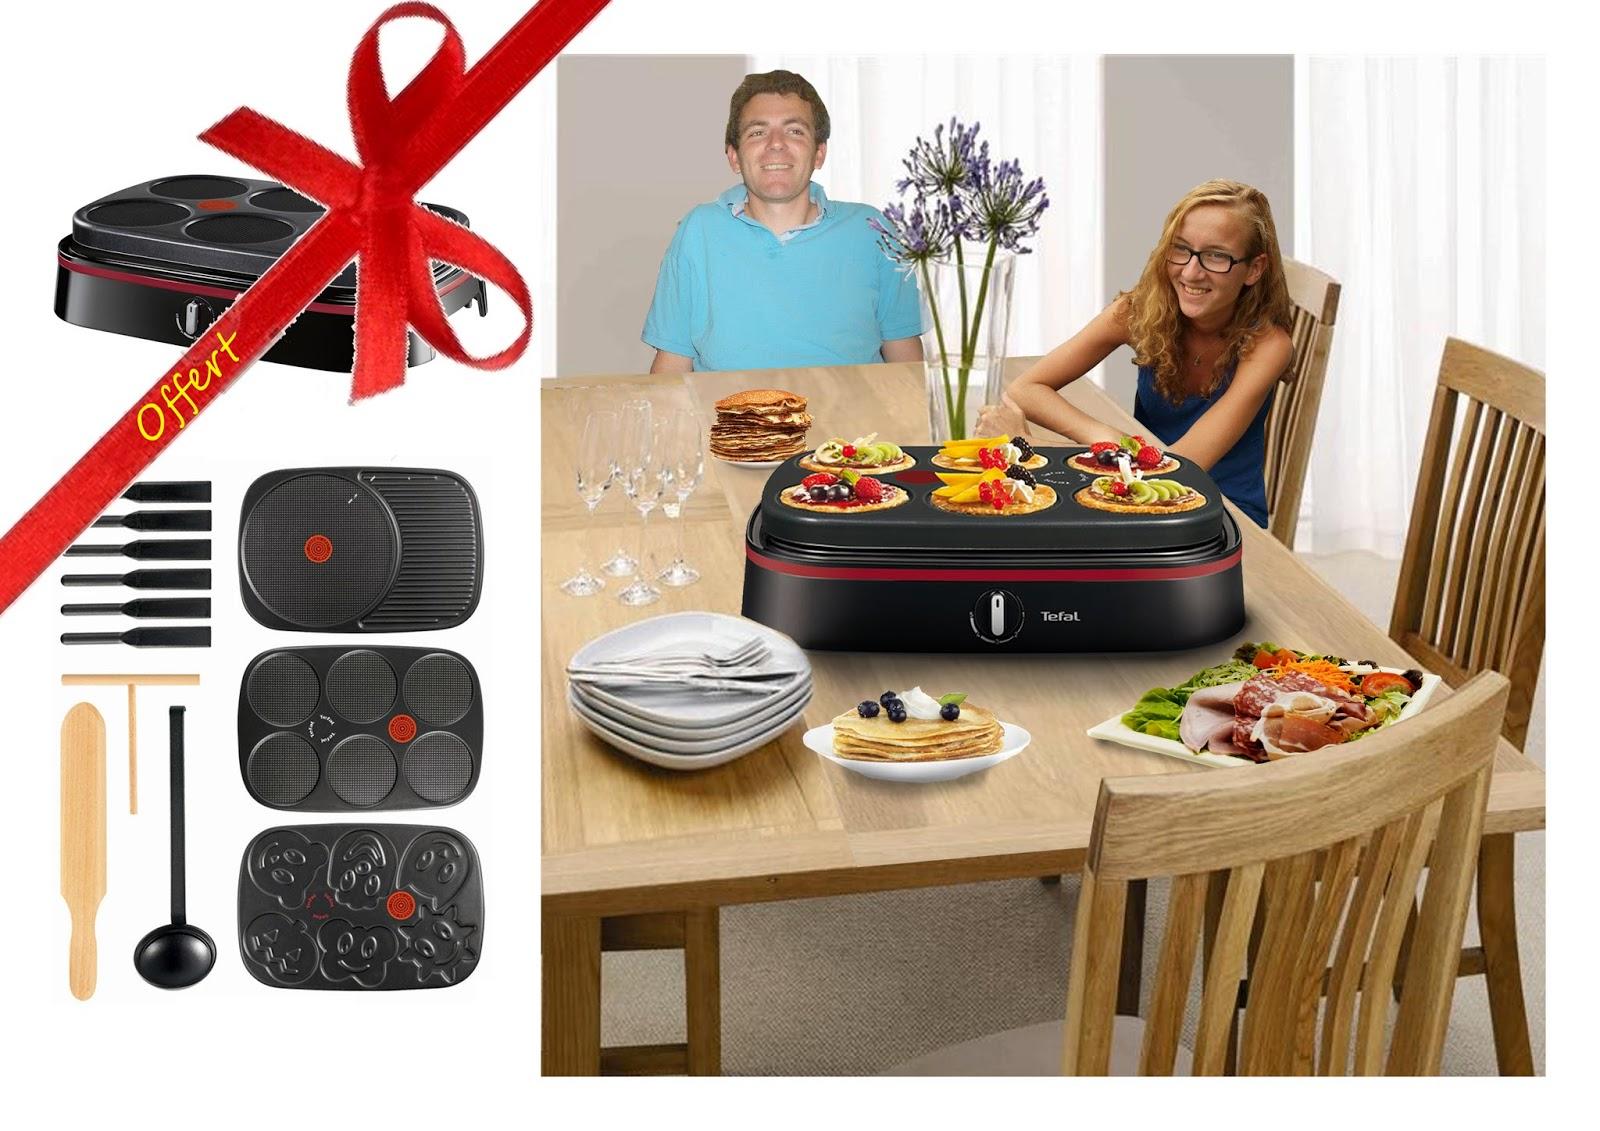 laure matthieu un appareil multi cr pes party tefal py605813. Black Bedroom Furniture Sets. Home Design Ideas